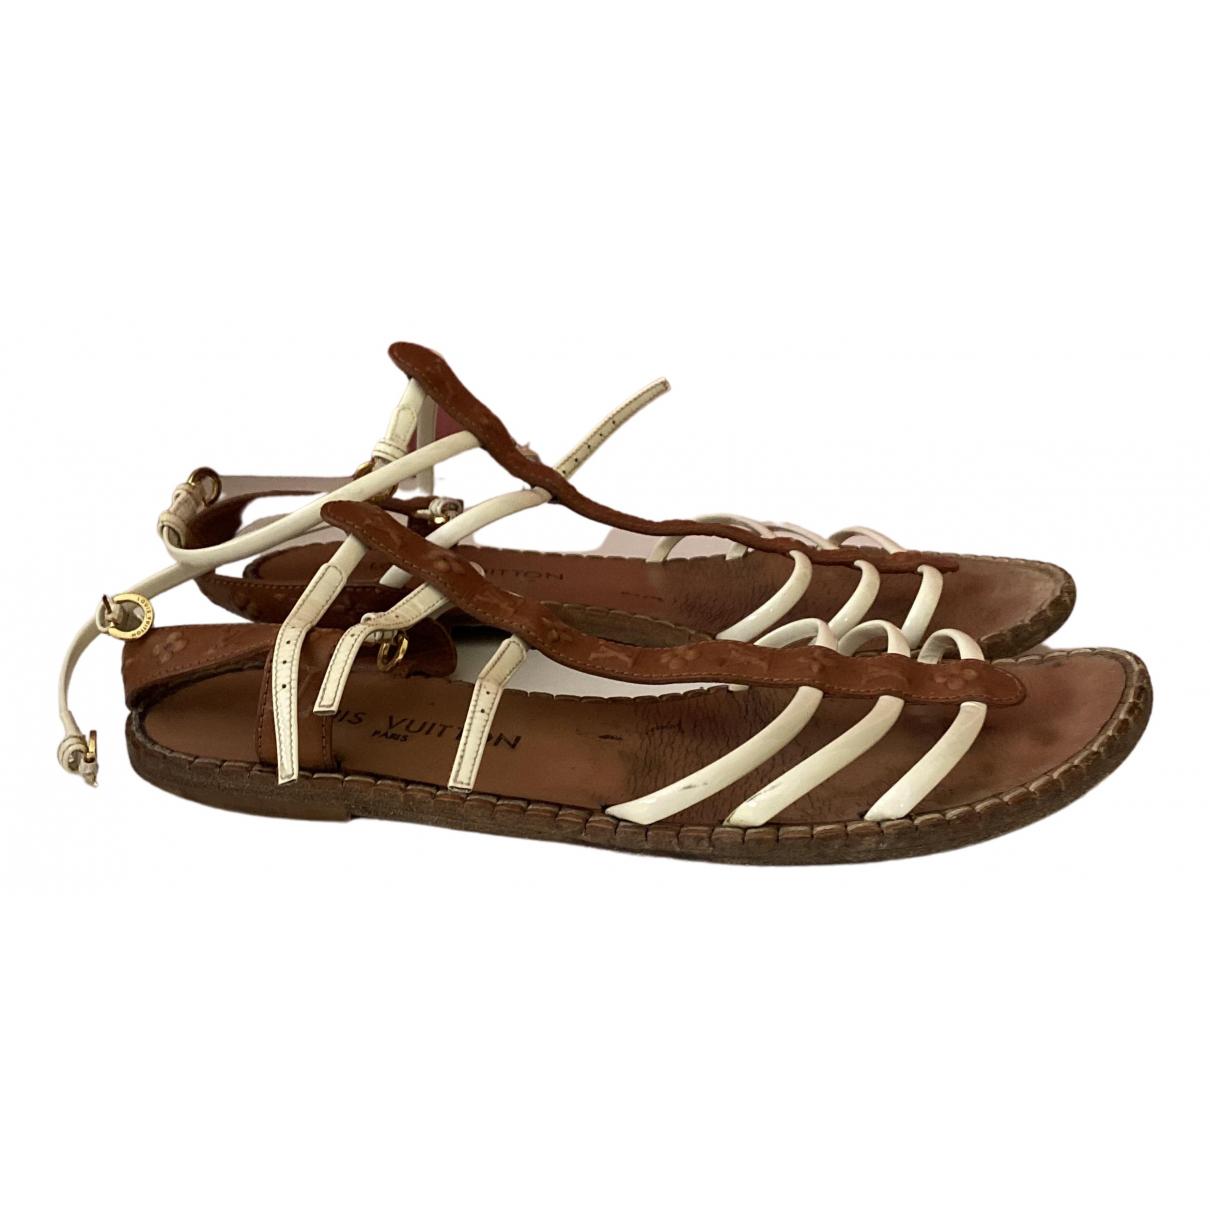 Sandalias romanas de Cuero Louis Vuitton